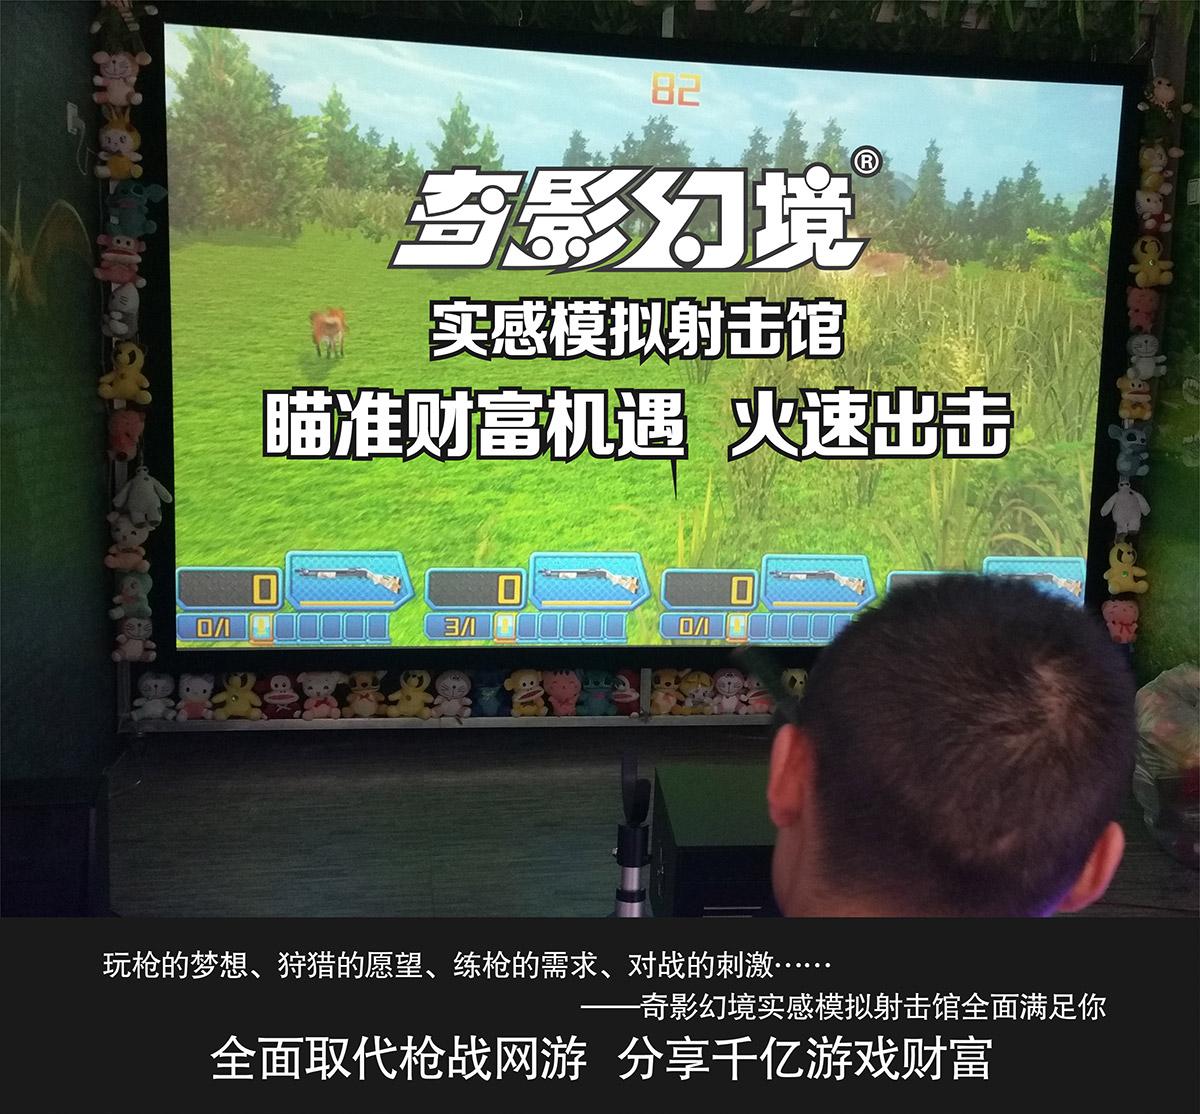 安全体验实感模拟射击全面取代枪战网游分享千亿游戏财富.jpg